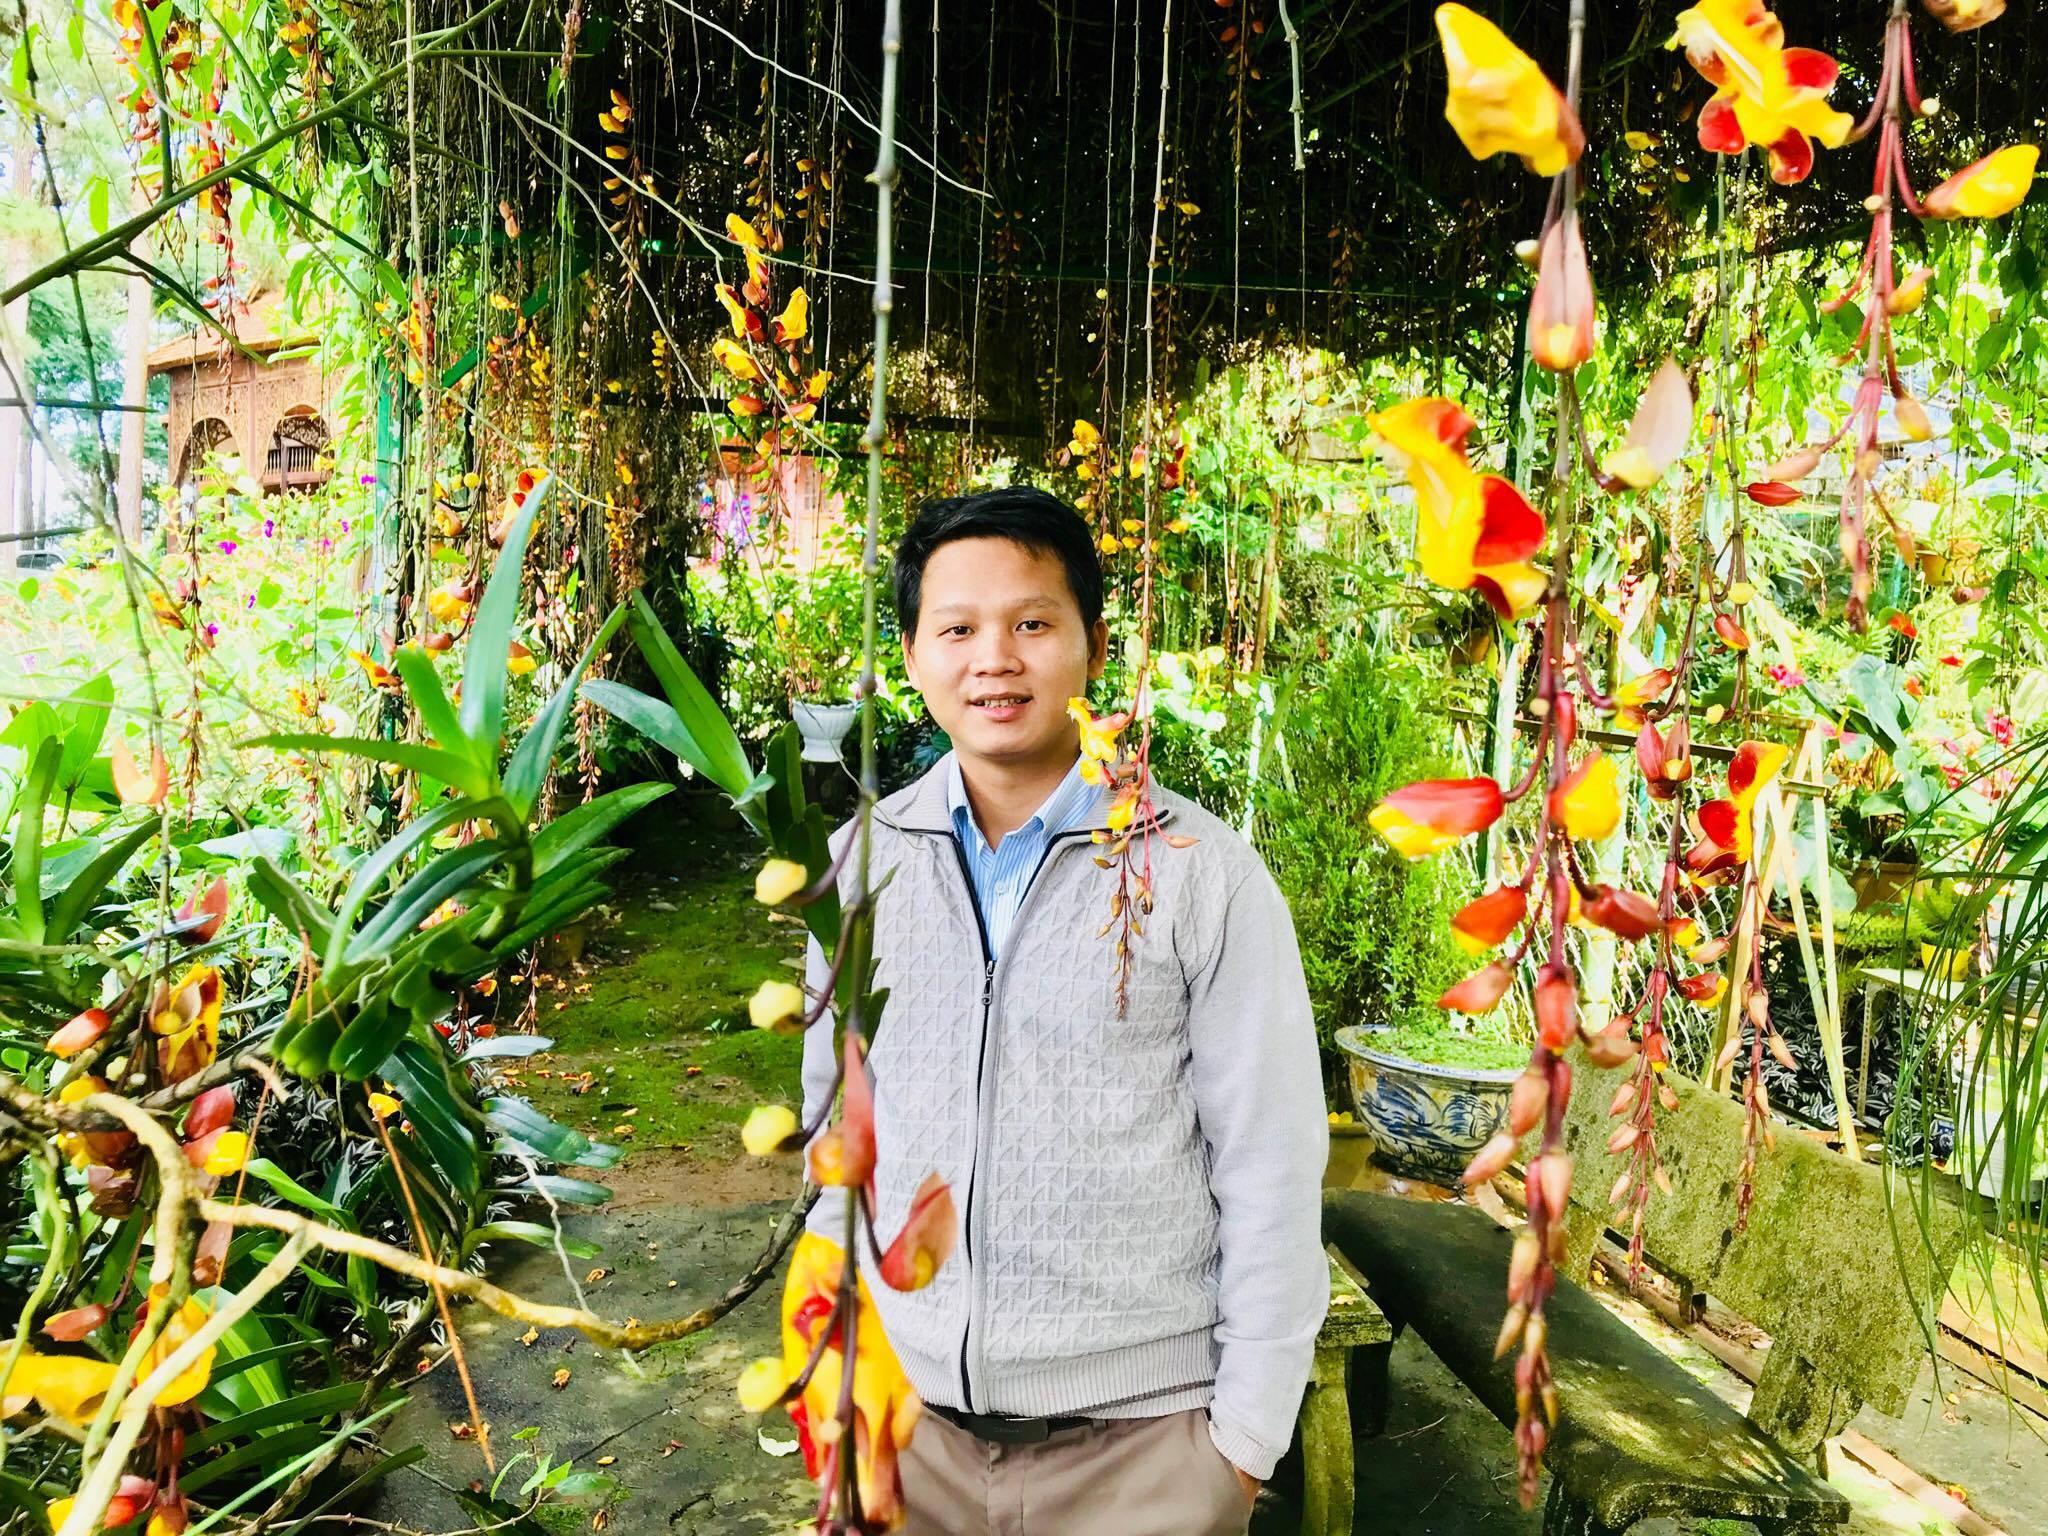 TS. Nguyễn Hữu Kế